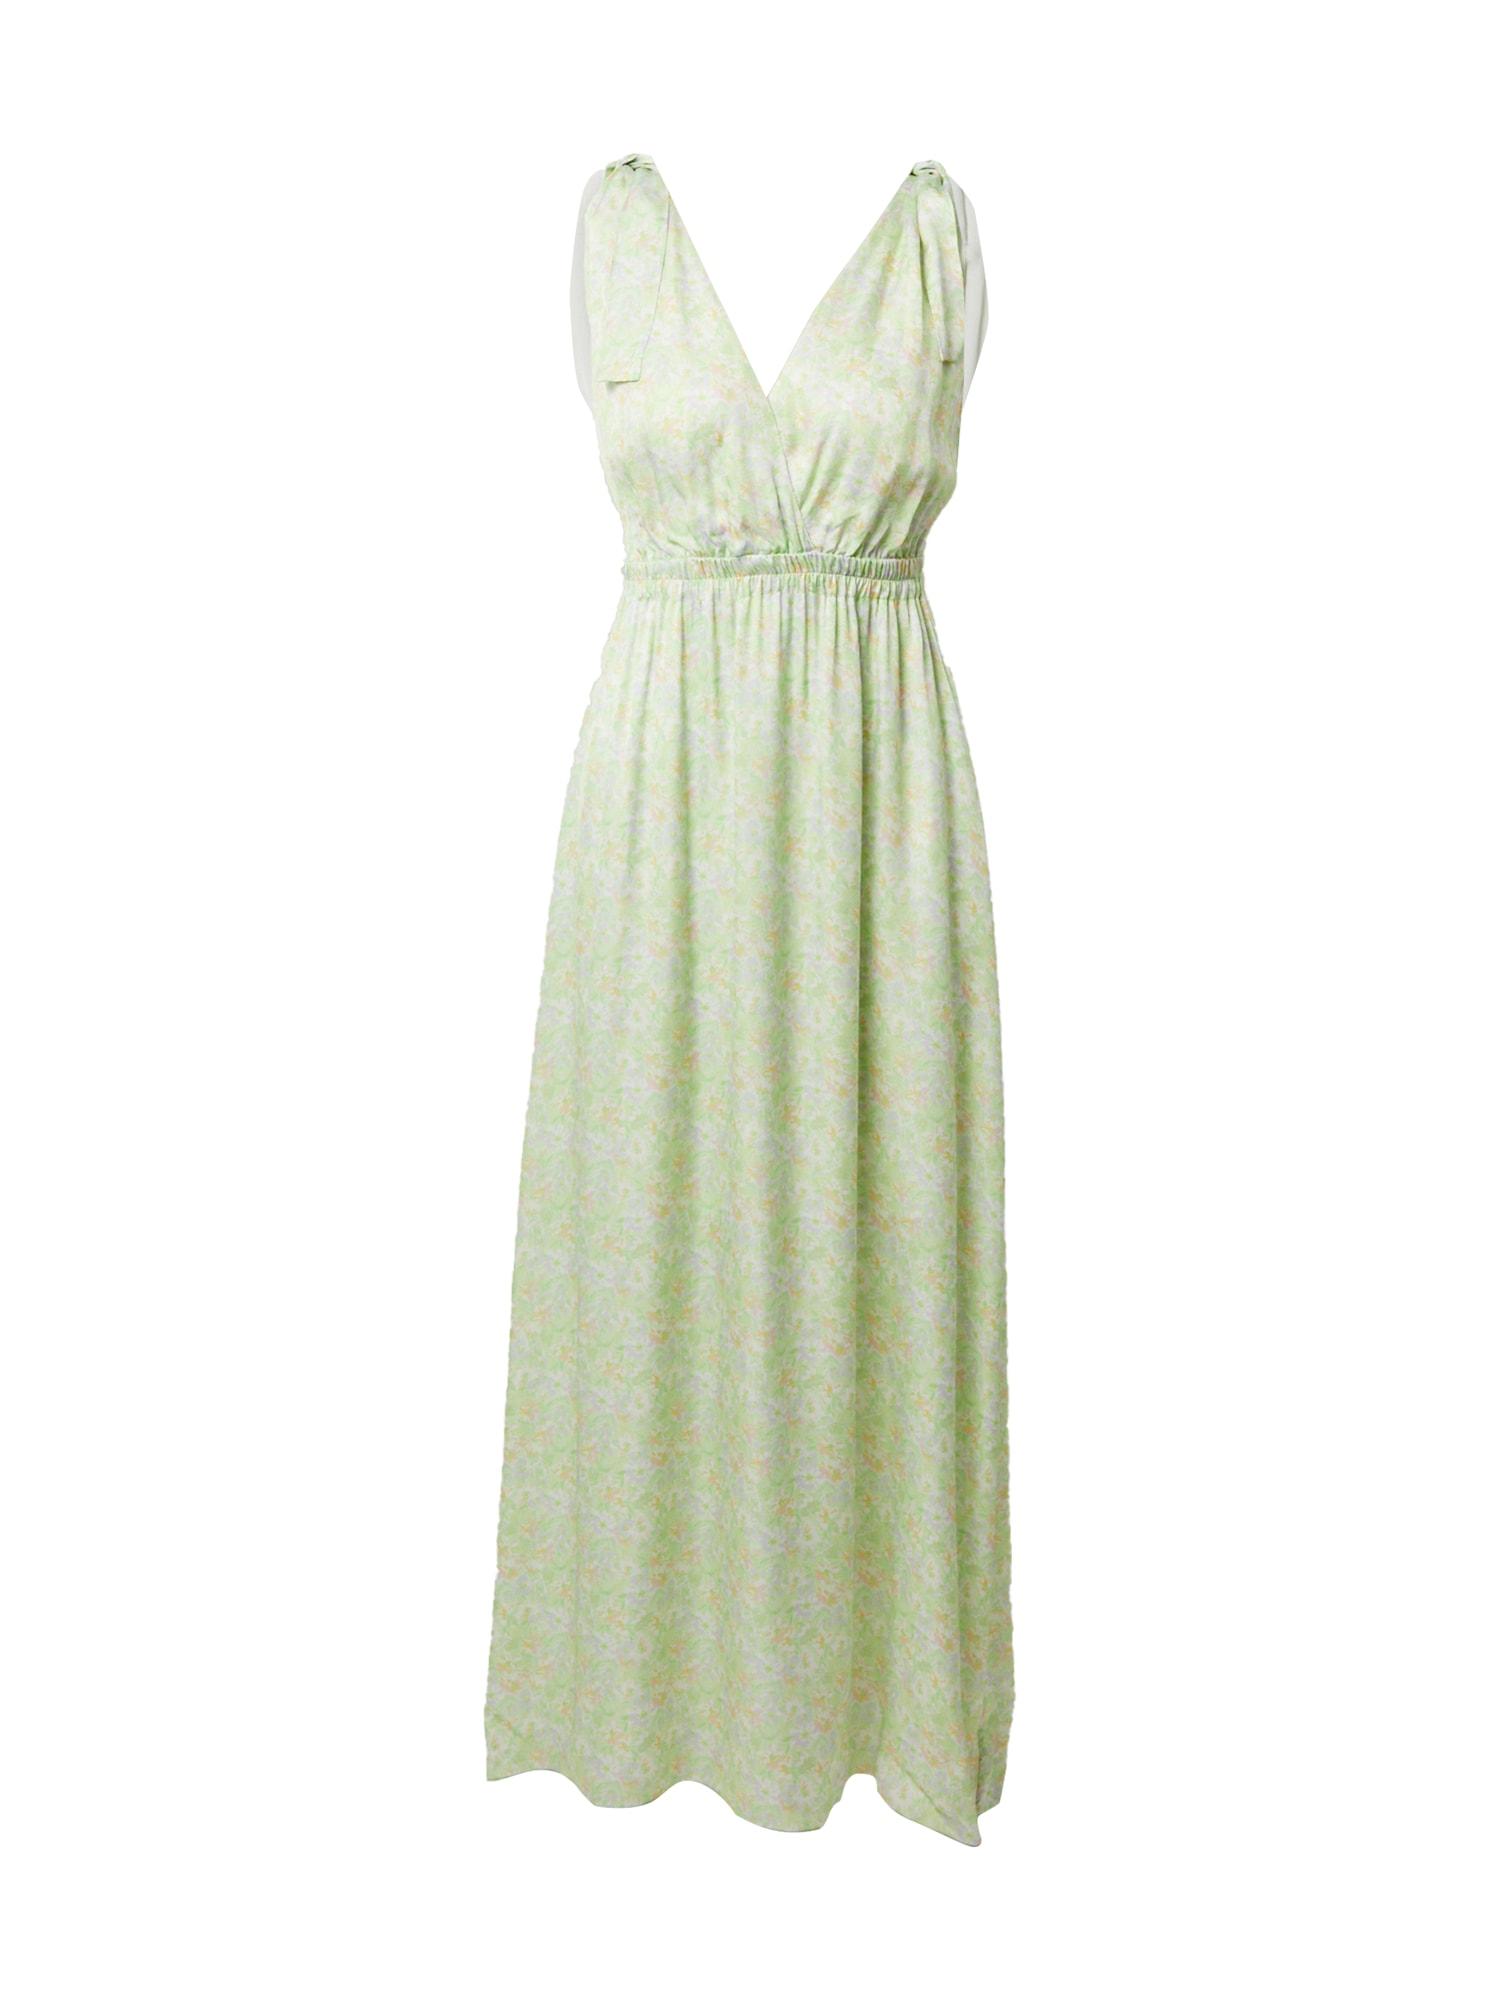 FRNCH PARIS Vasarinė suknelė šviesiai žalia / pastelinė violetinė / oranžinė